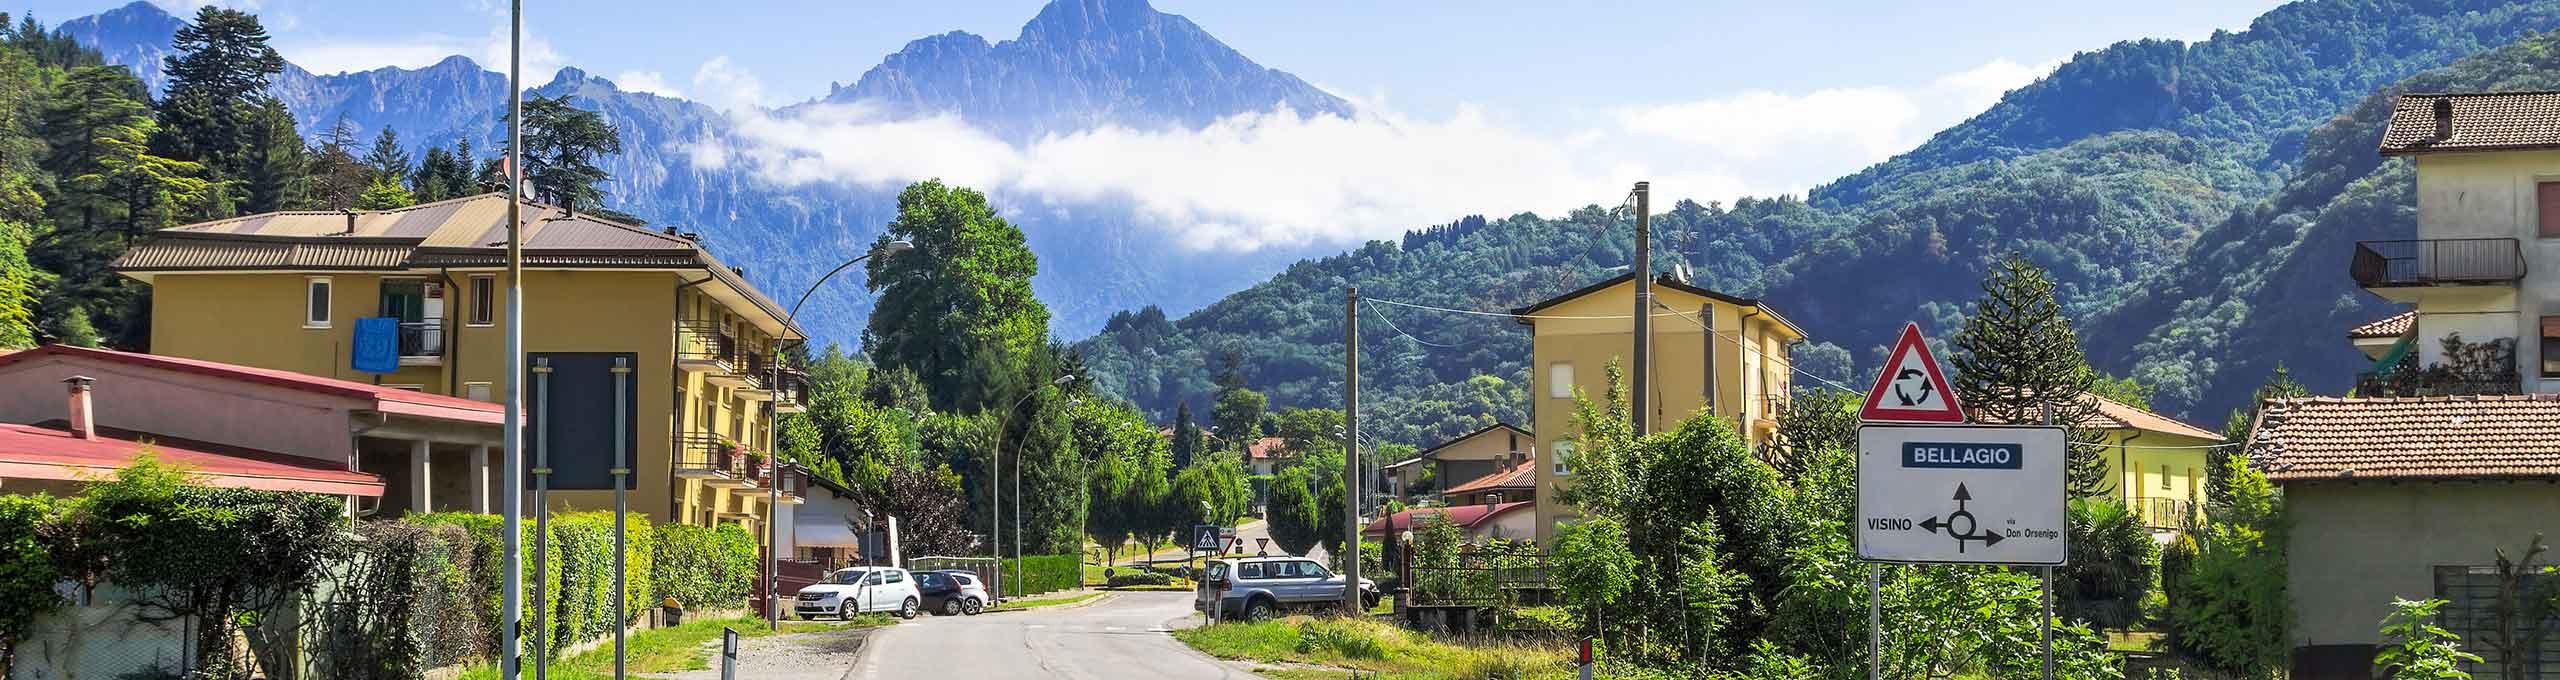 Valbrona, Lago di Como